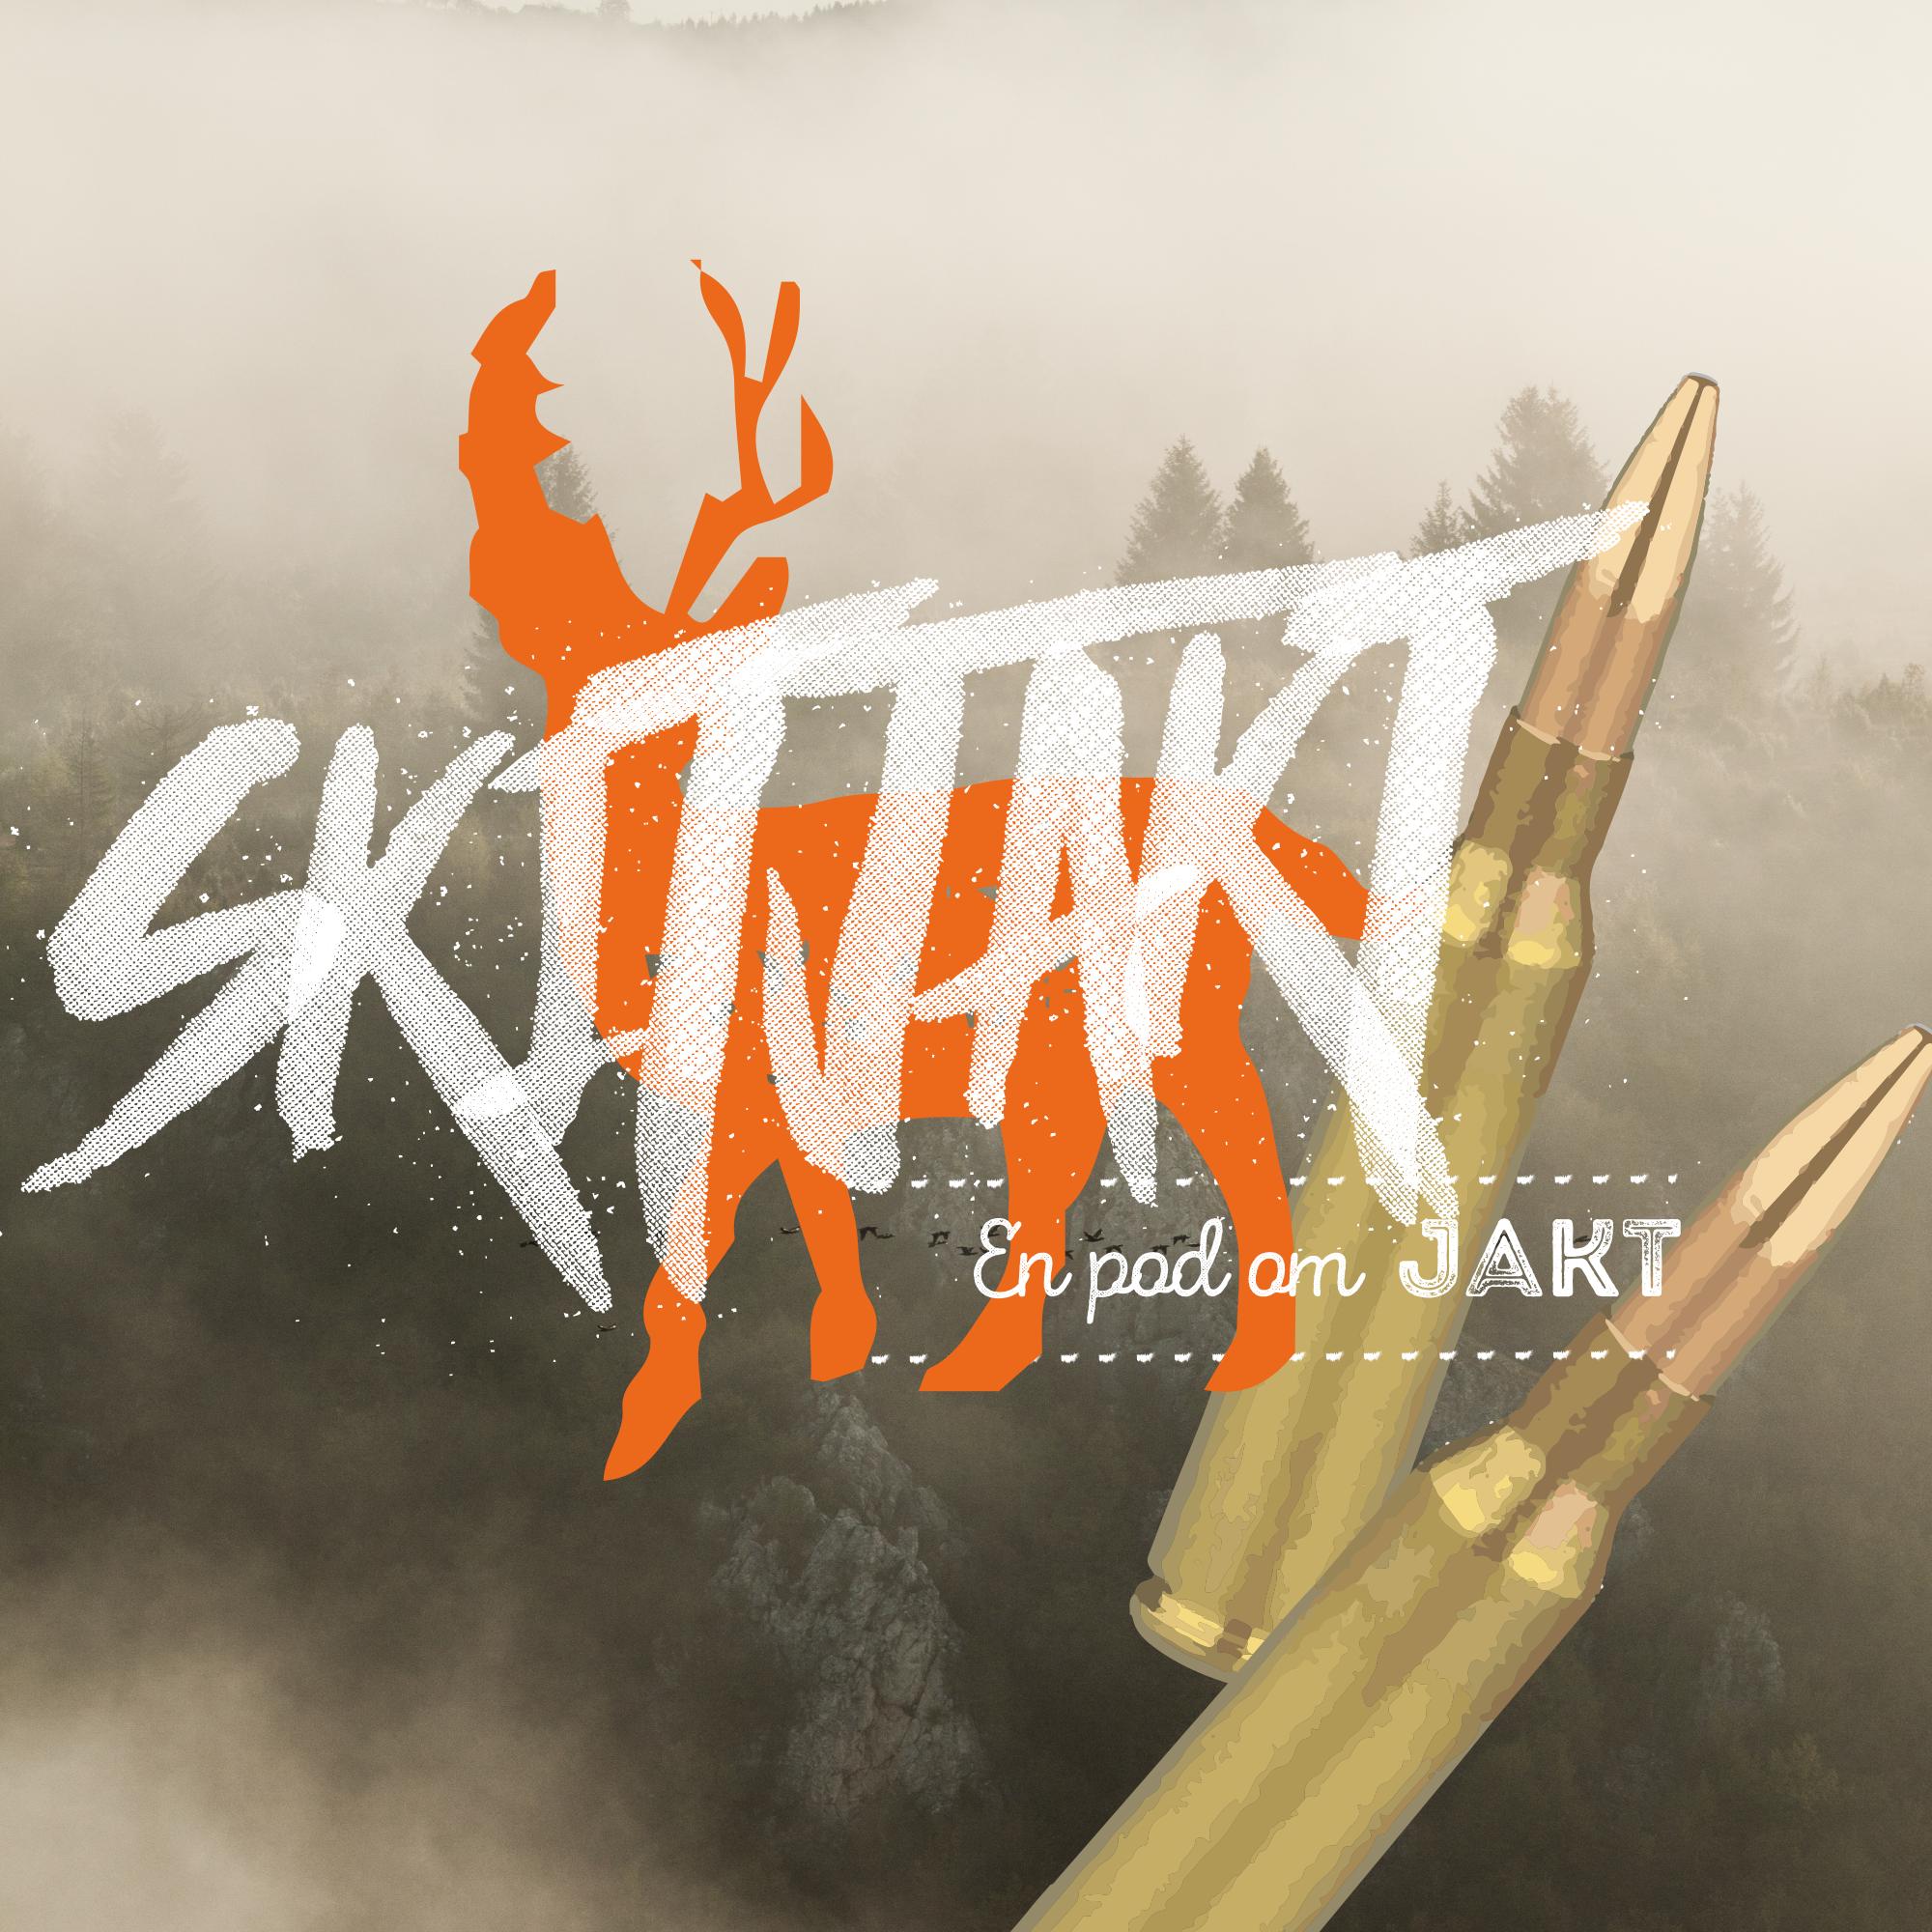 SkitJakt - En Podcast om Jakt